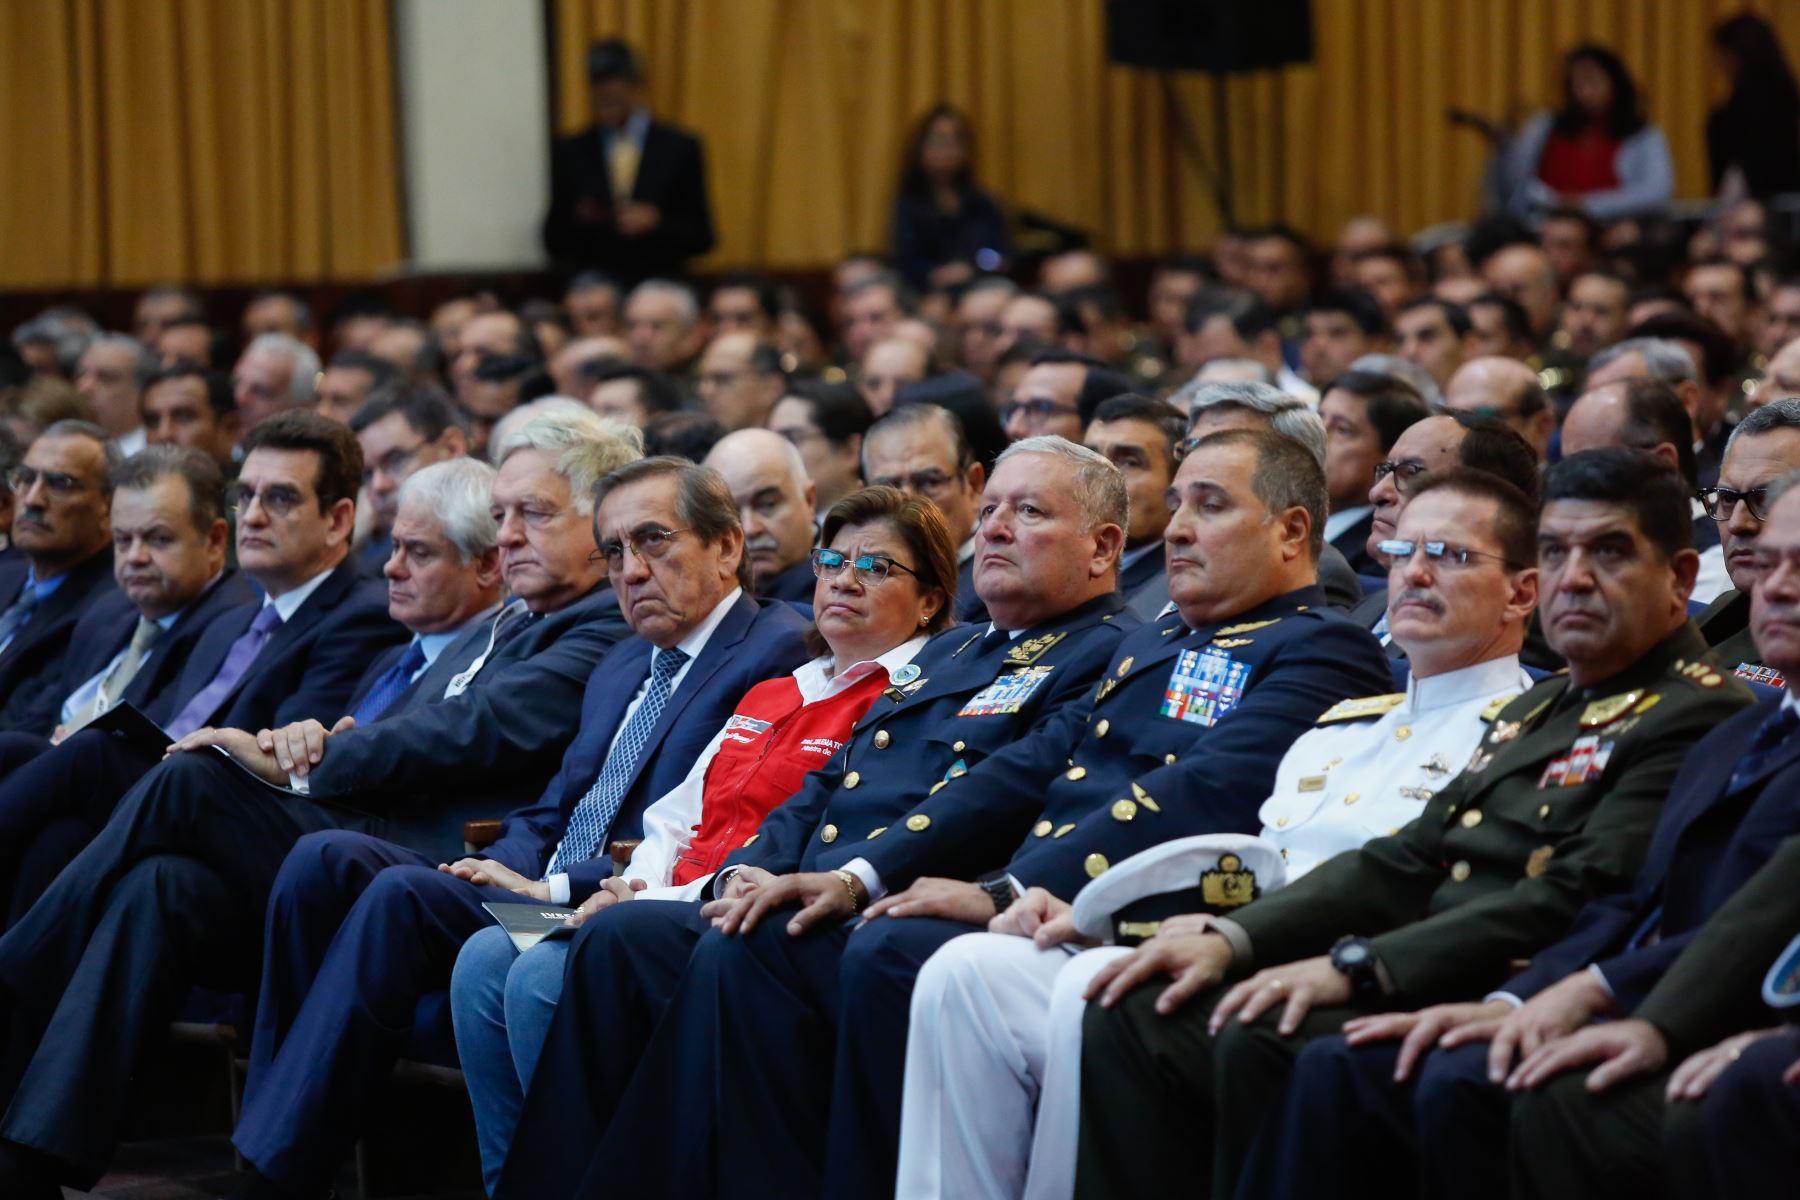 Presidente Martín Vizcarra inaugura el VII Salón Internacional de Tecnología para la Defensa y Prevención de Desastres – SITDEF 2019. Foto: ANDINA/ Prensa Presidencia